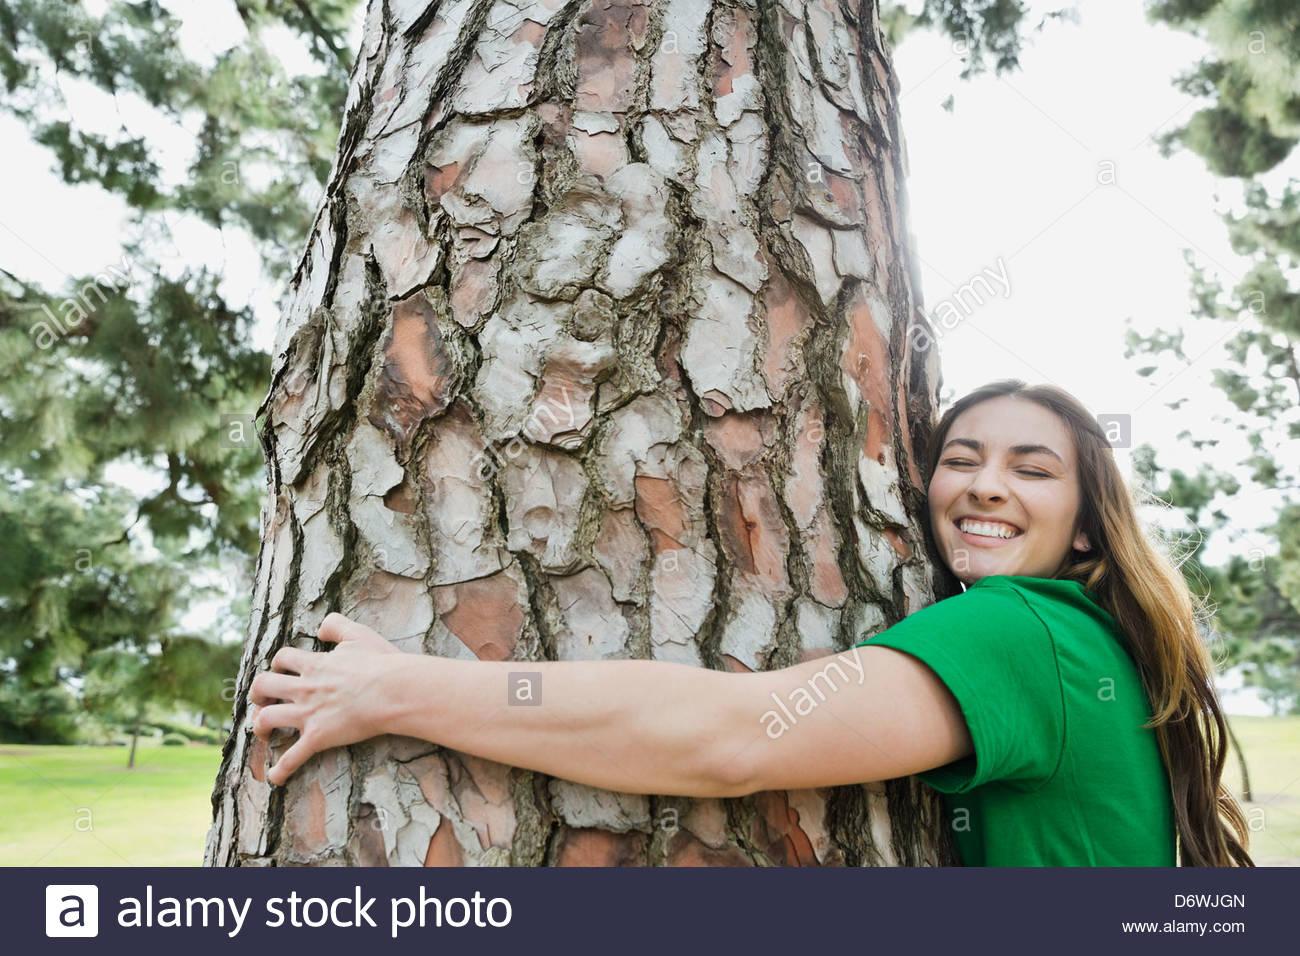 Seitenansicht der glückliche junge Frau umarmt Baum im park Stockbild